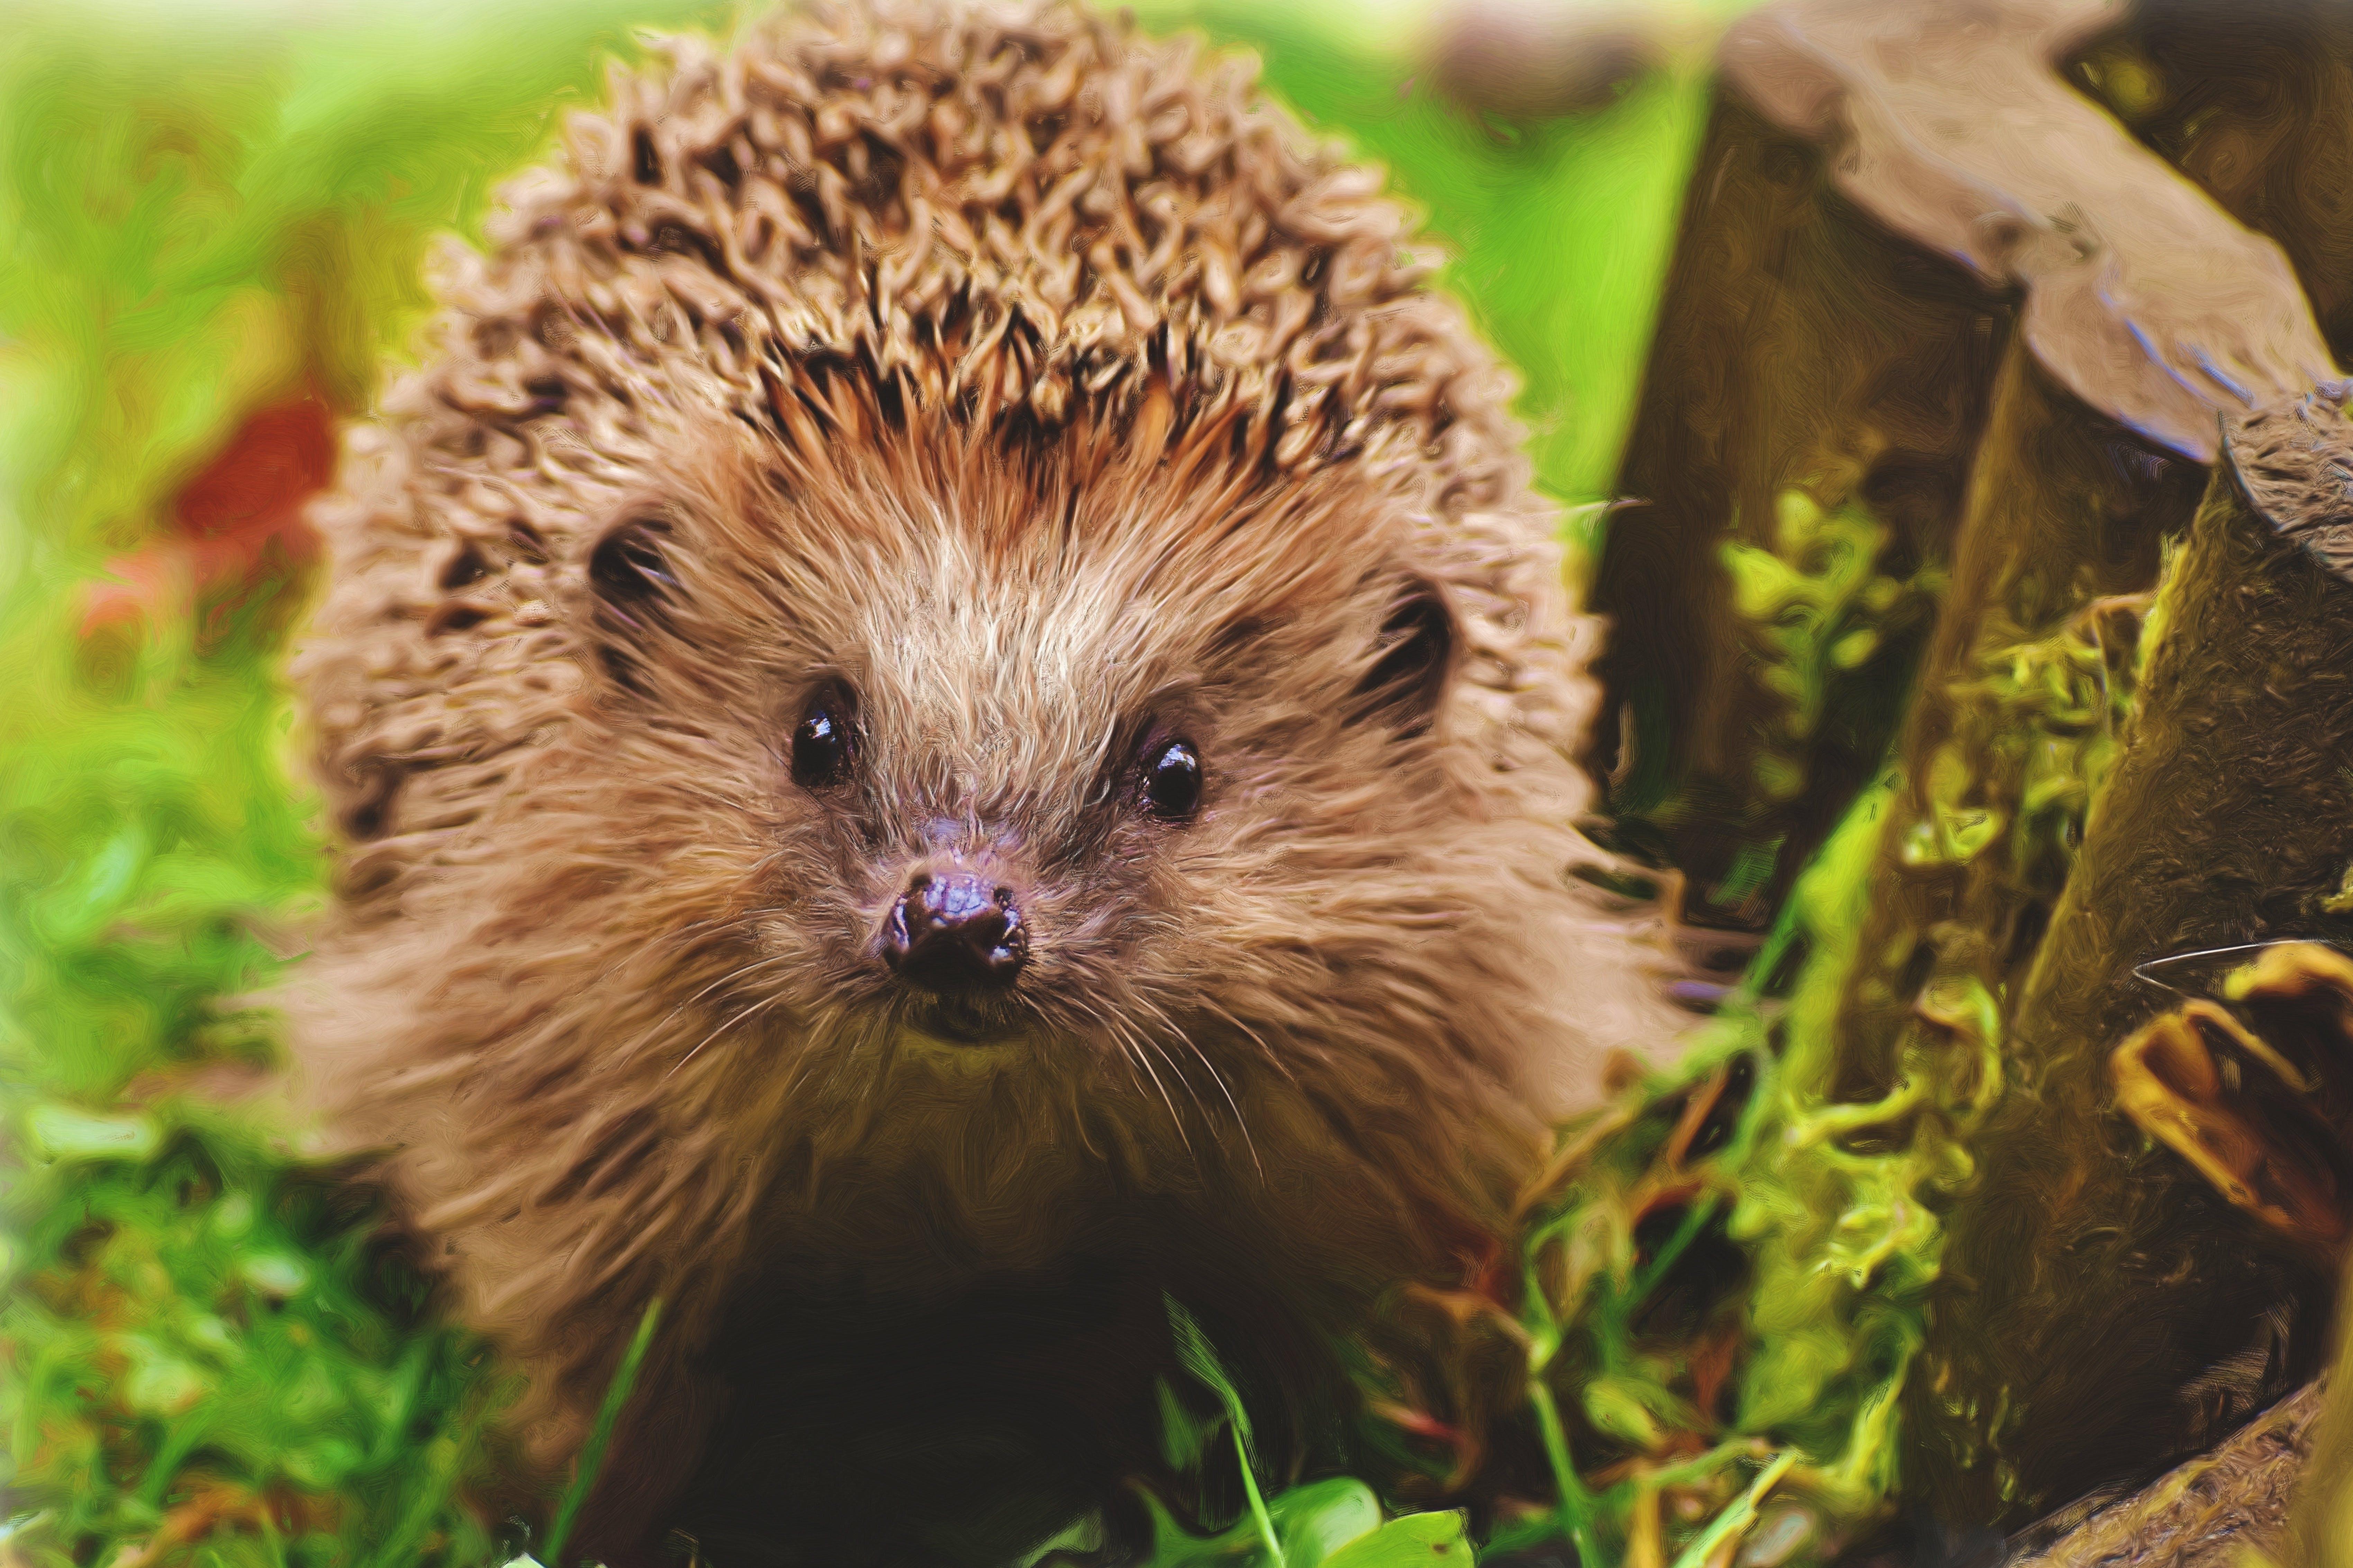 シャープ, ハリネズミ, フード, 動物の無料の写真素材